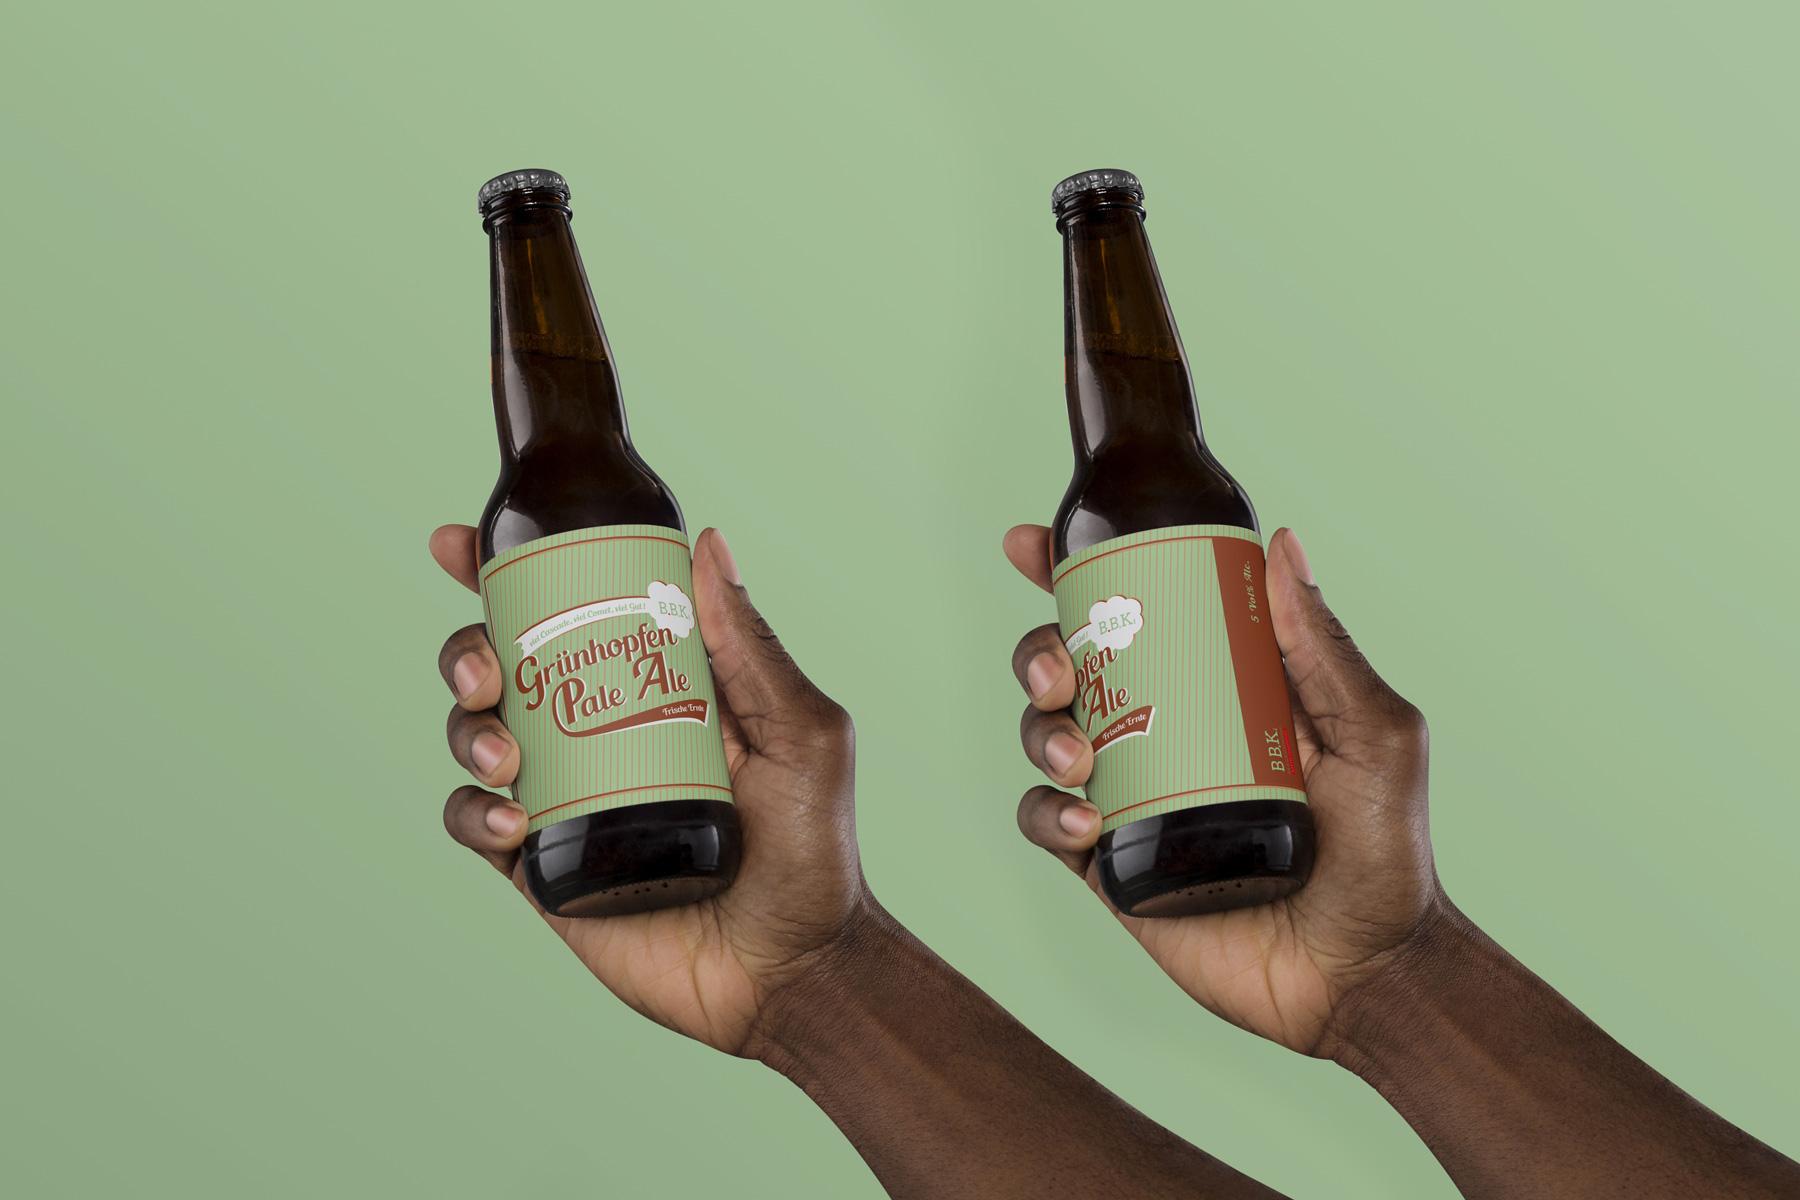 beer-packaging-grünhopfen-ale-all